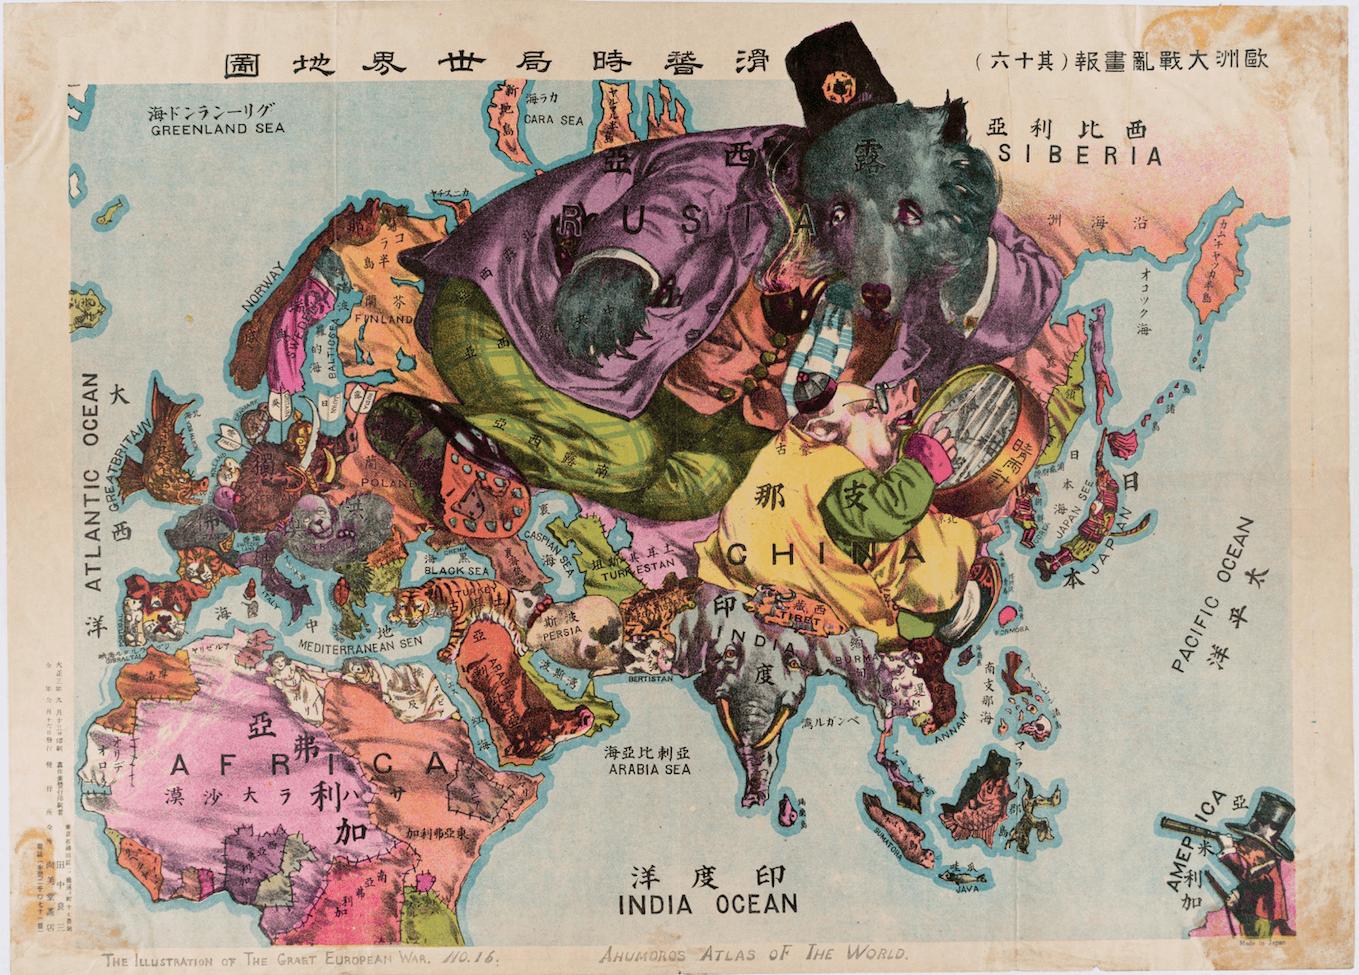 日本人が描いたクリエイティブすぎる世界地図